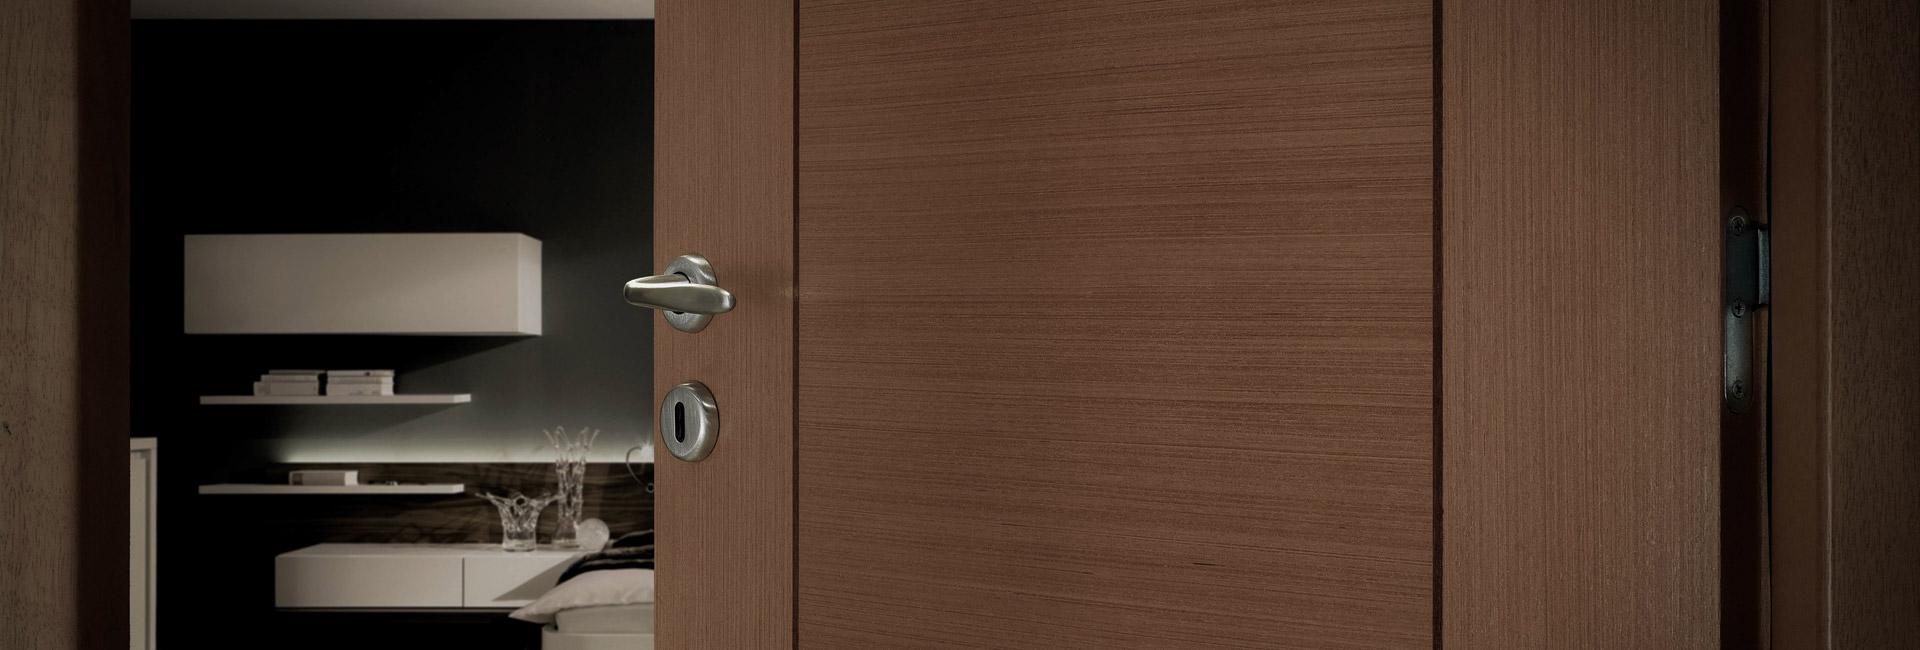 Puertas puertas ofertas en puertas a medida en toda for Ofertas de puertas de interior